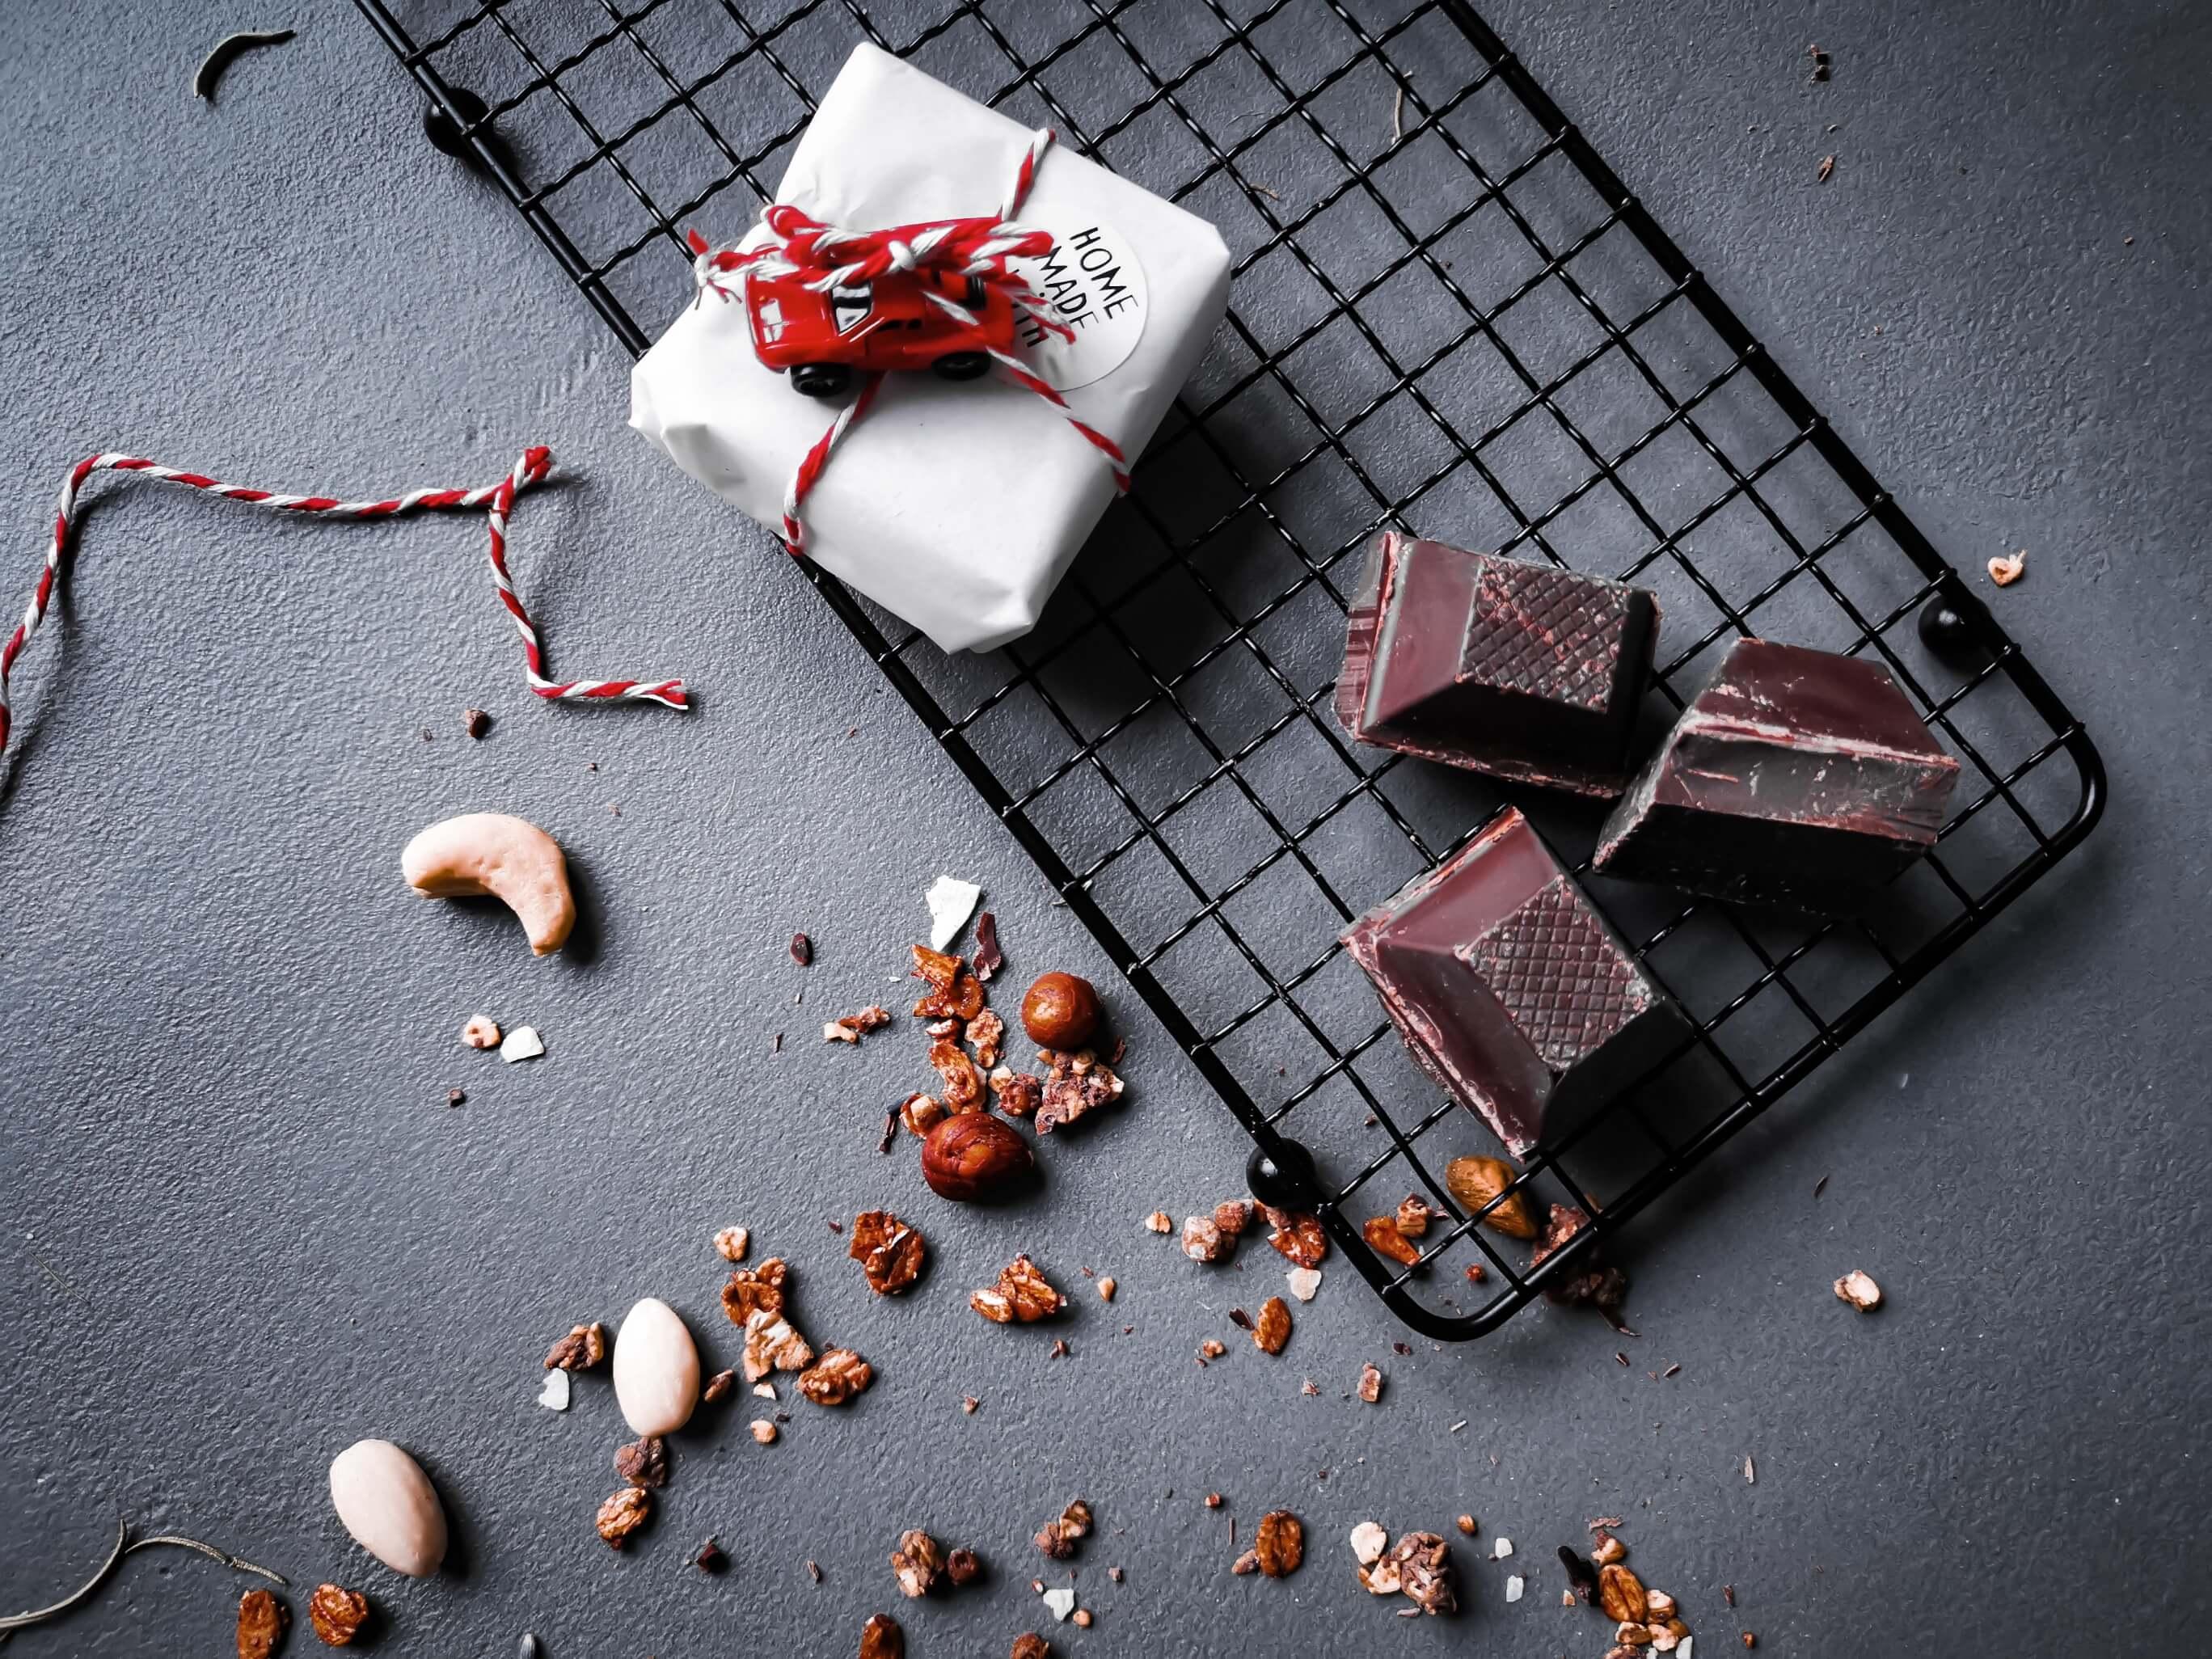 IMG 20191117 144103 resized 20191117 061511653 - Geschenke aus der Küche - so schmeckt Weihnachten!